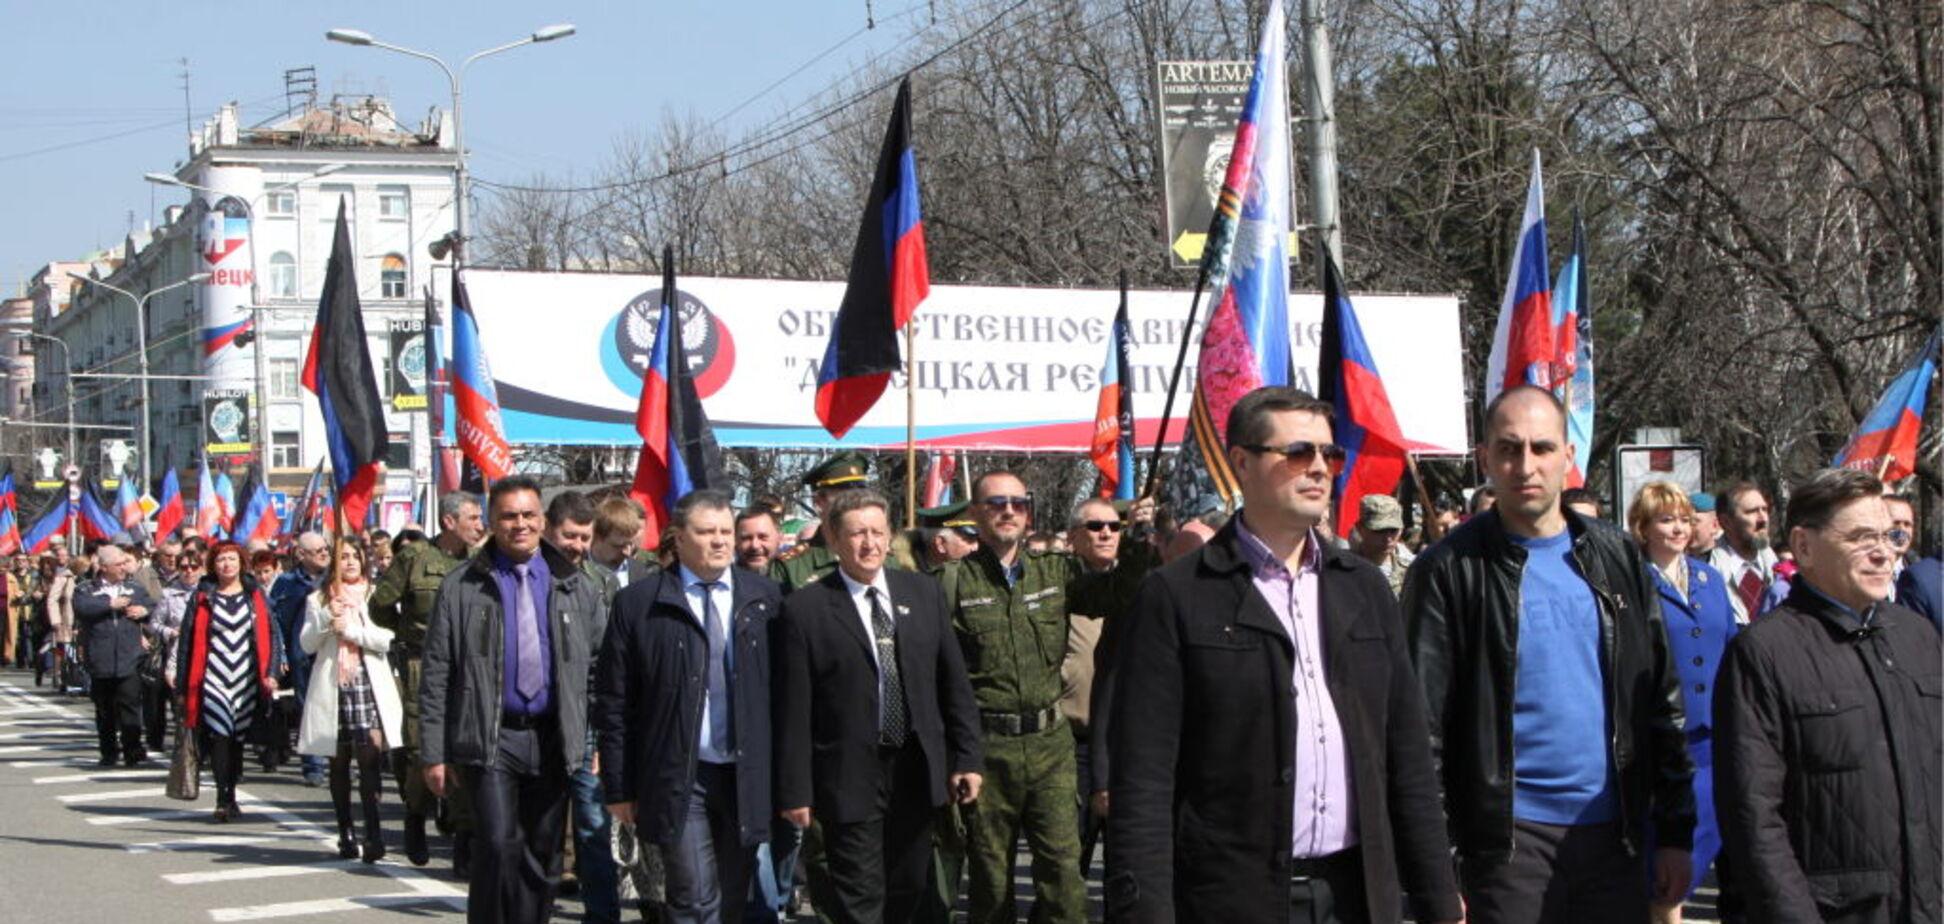 Донбасс: лучше показаться е*ану*ой, чем оказаться мертвой